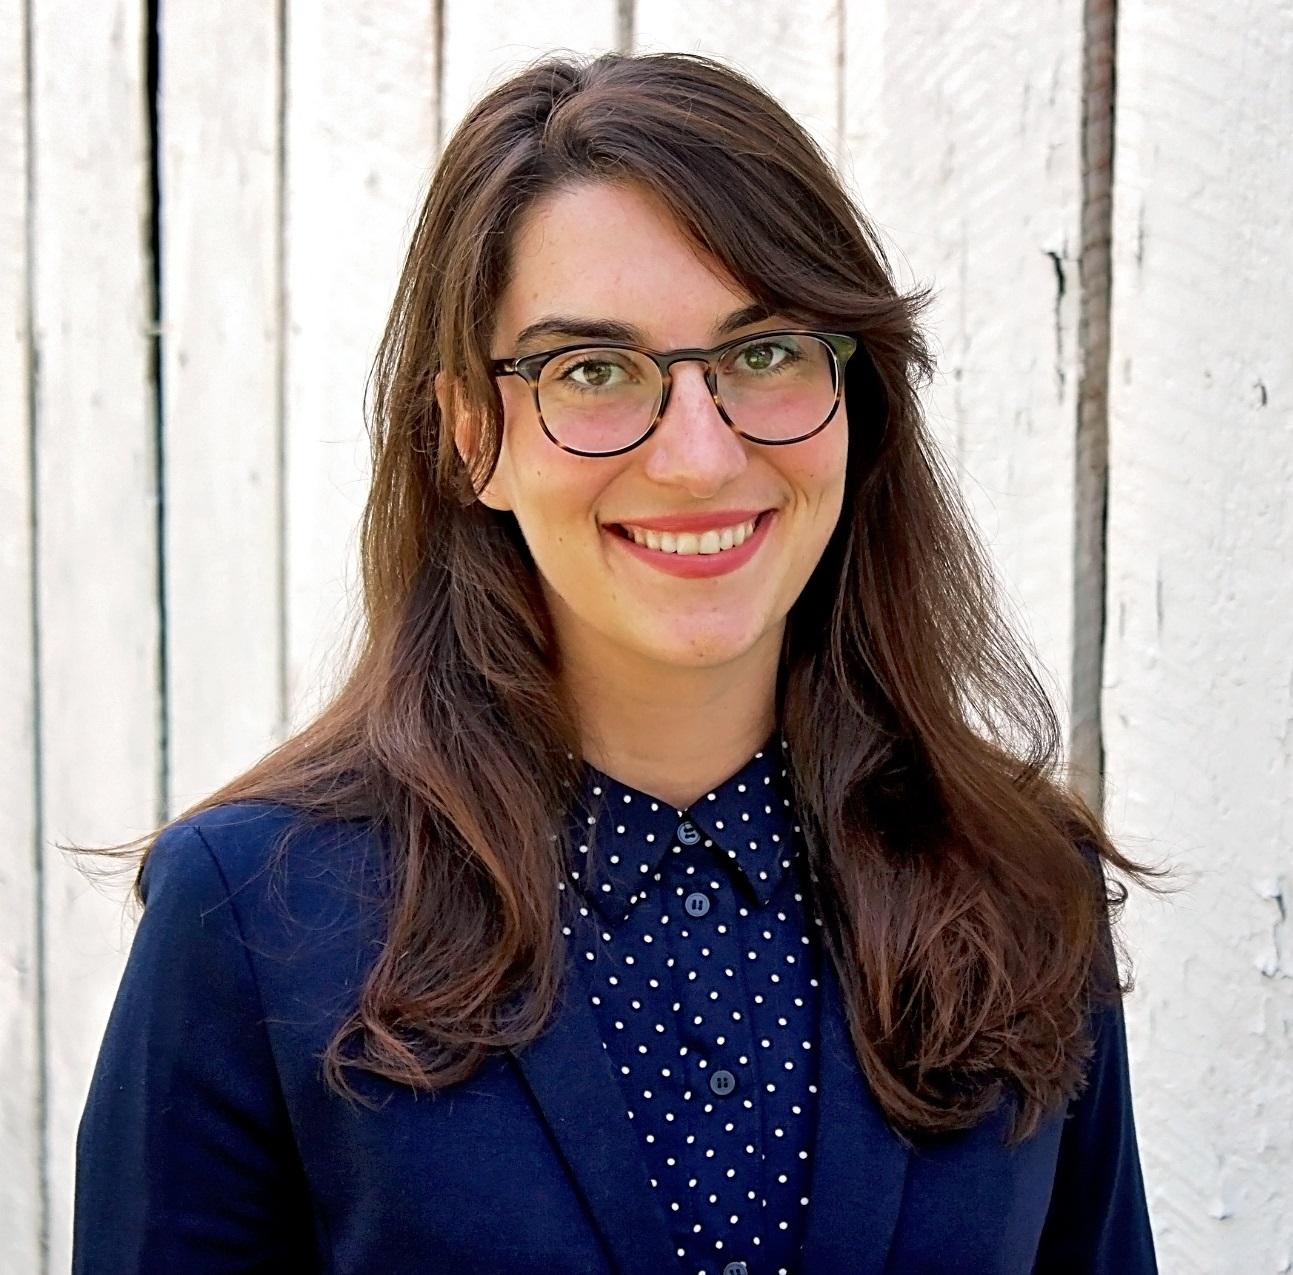 Emily Huebner